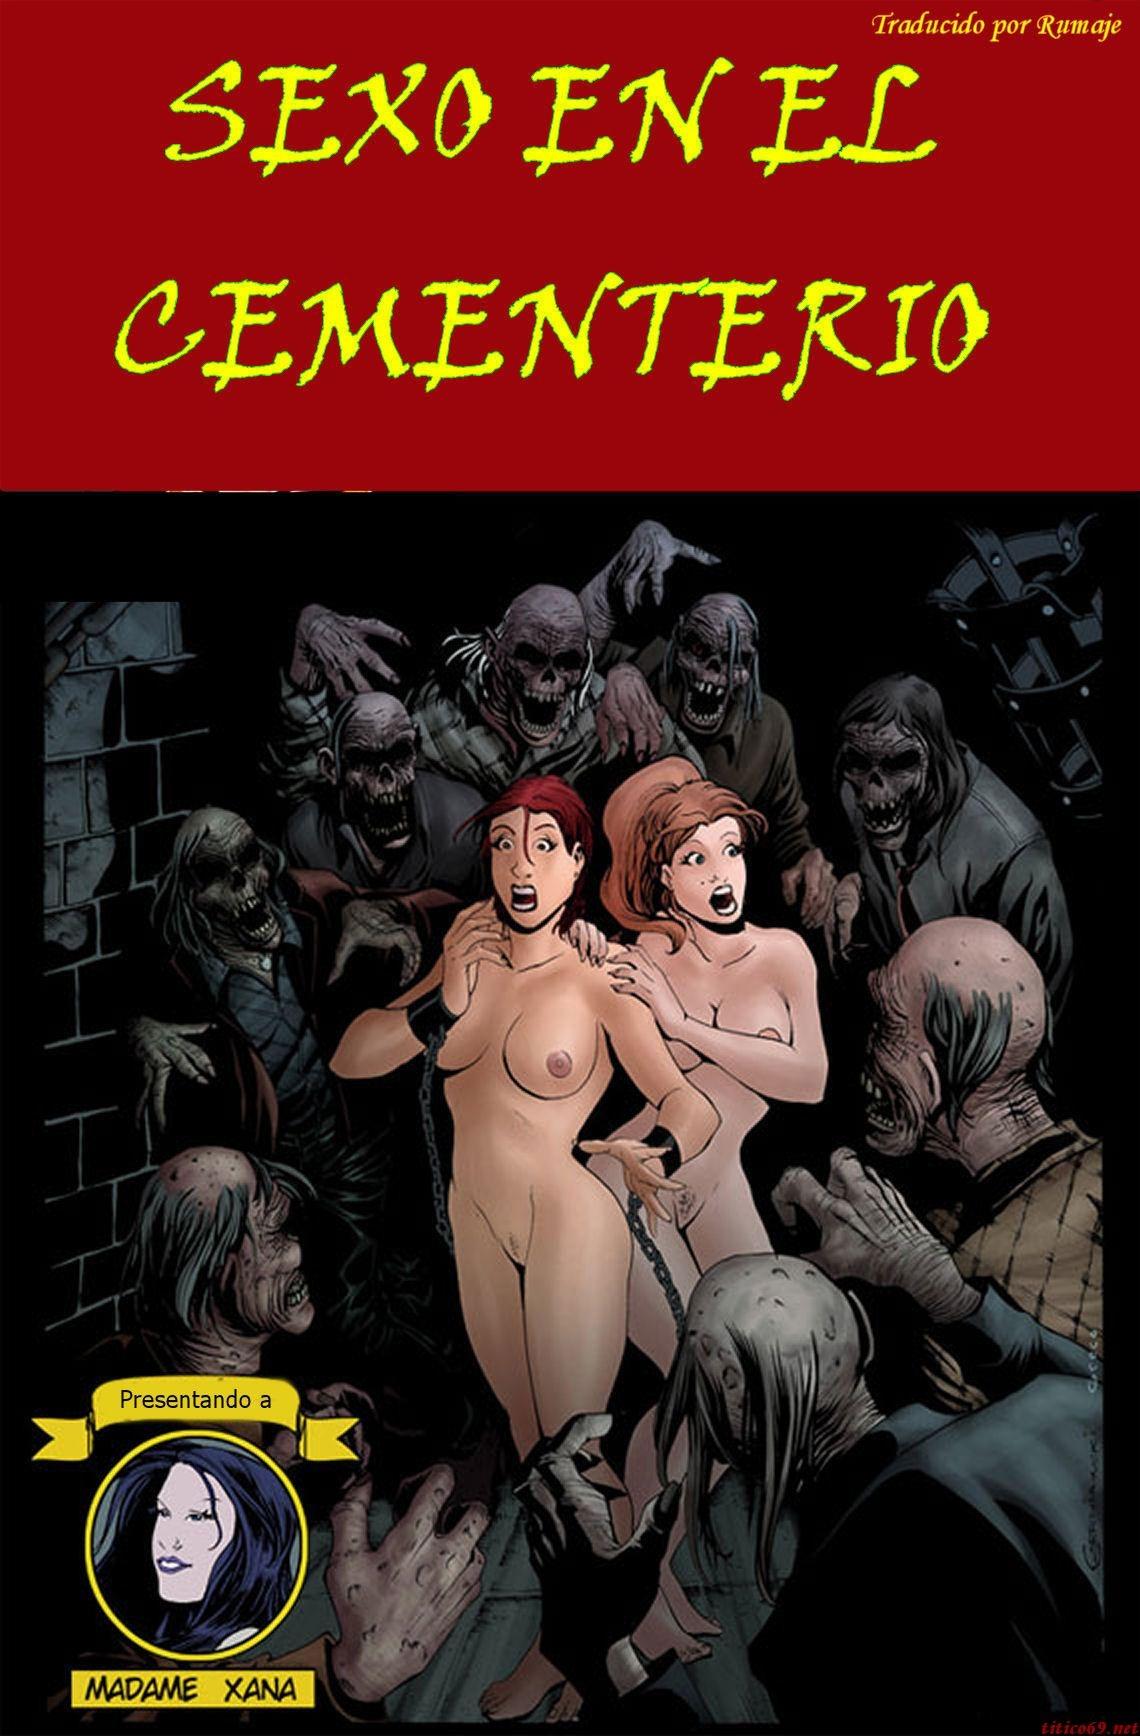 Sexo en el Cementerio - reinodelpornocom